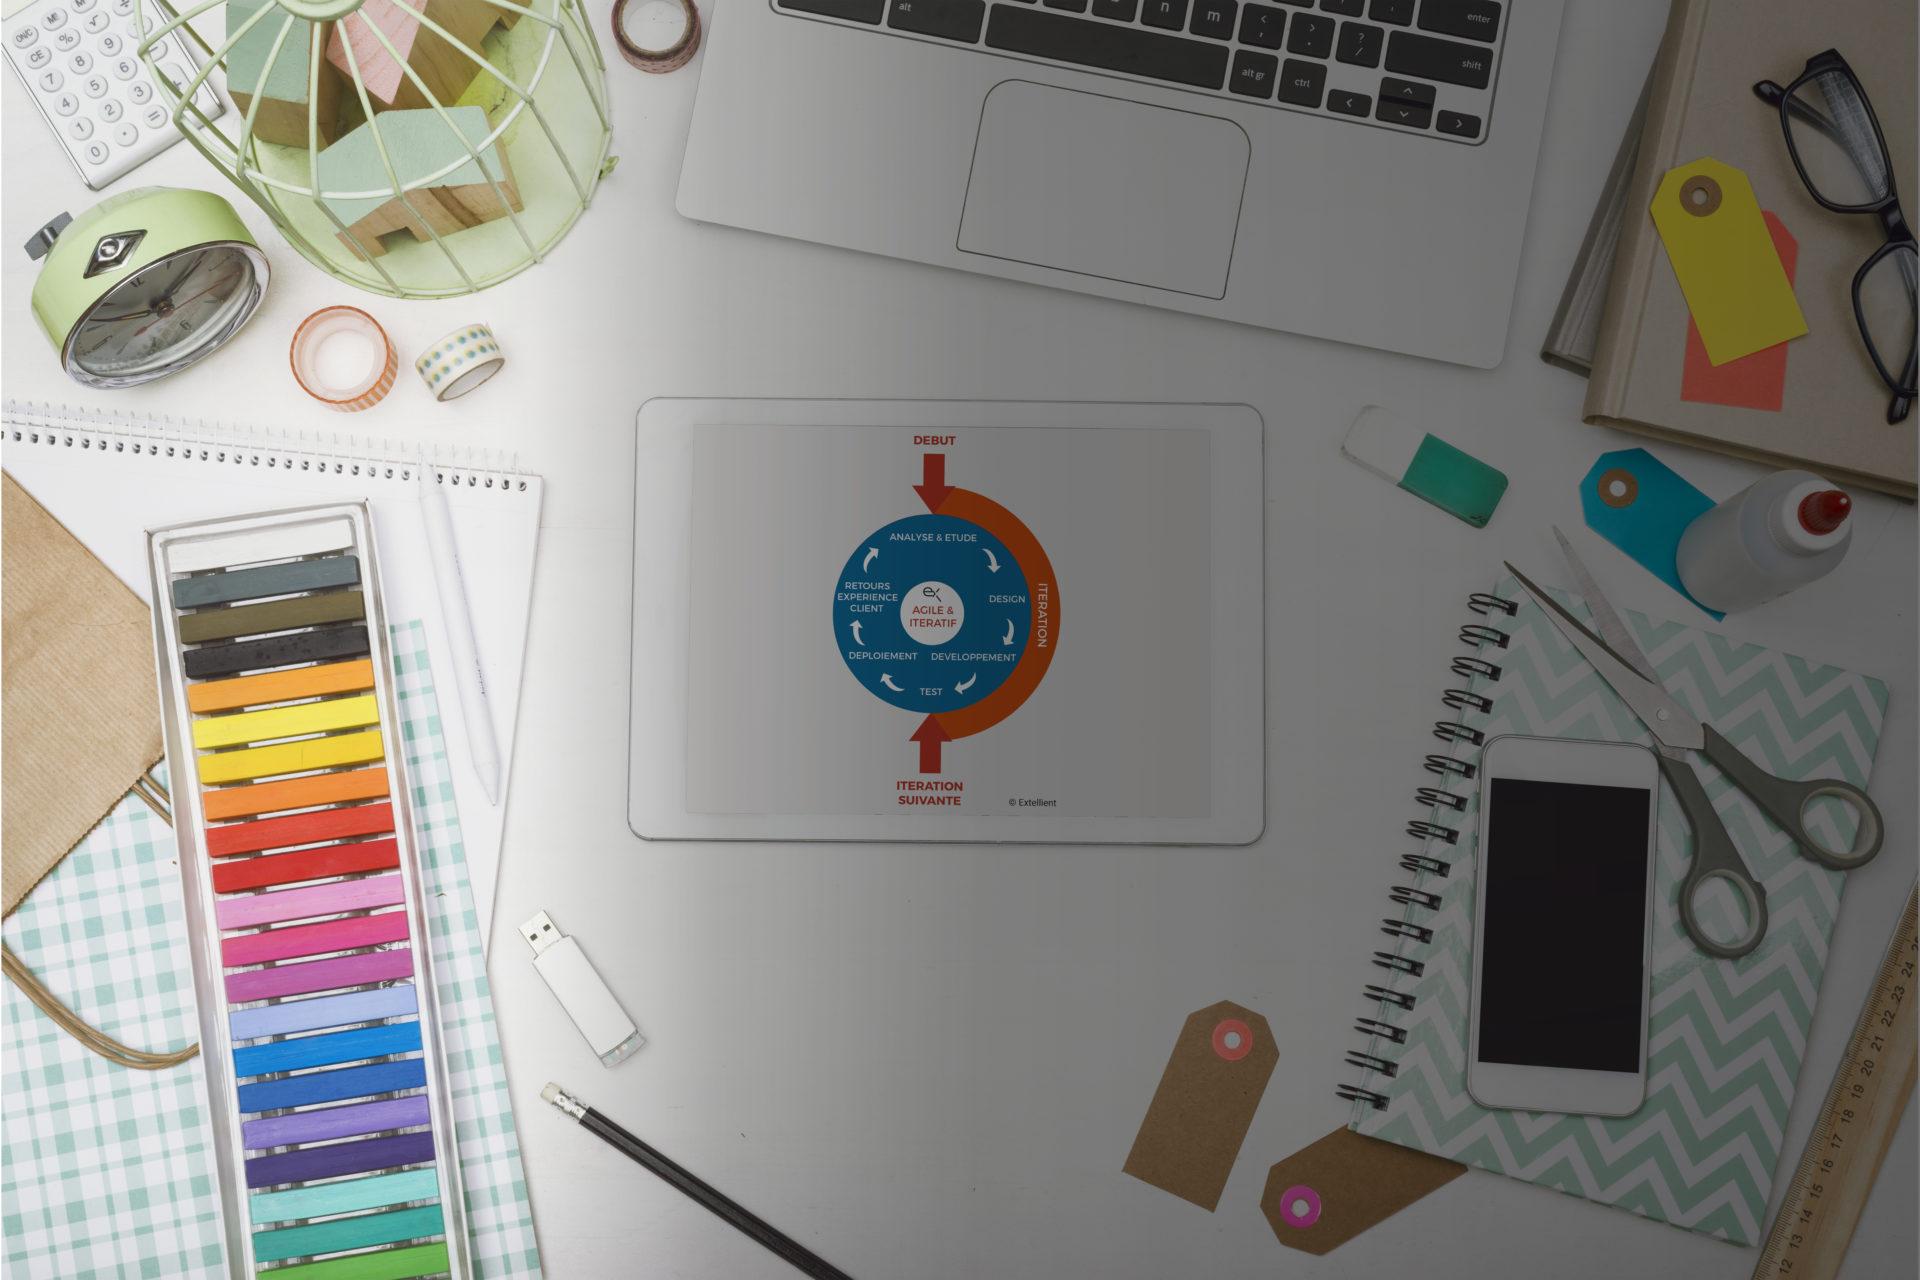 méthodologie approche Agile et démarche de création d'une solution